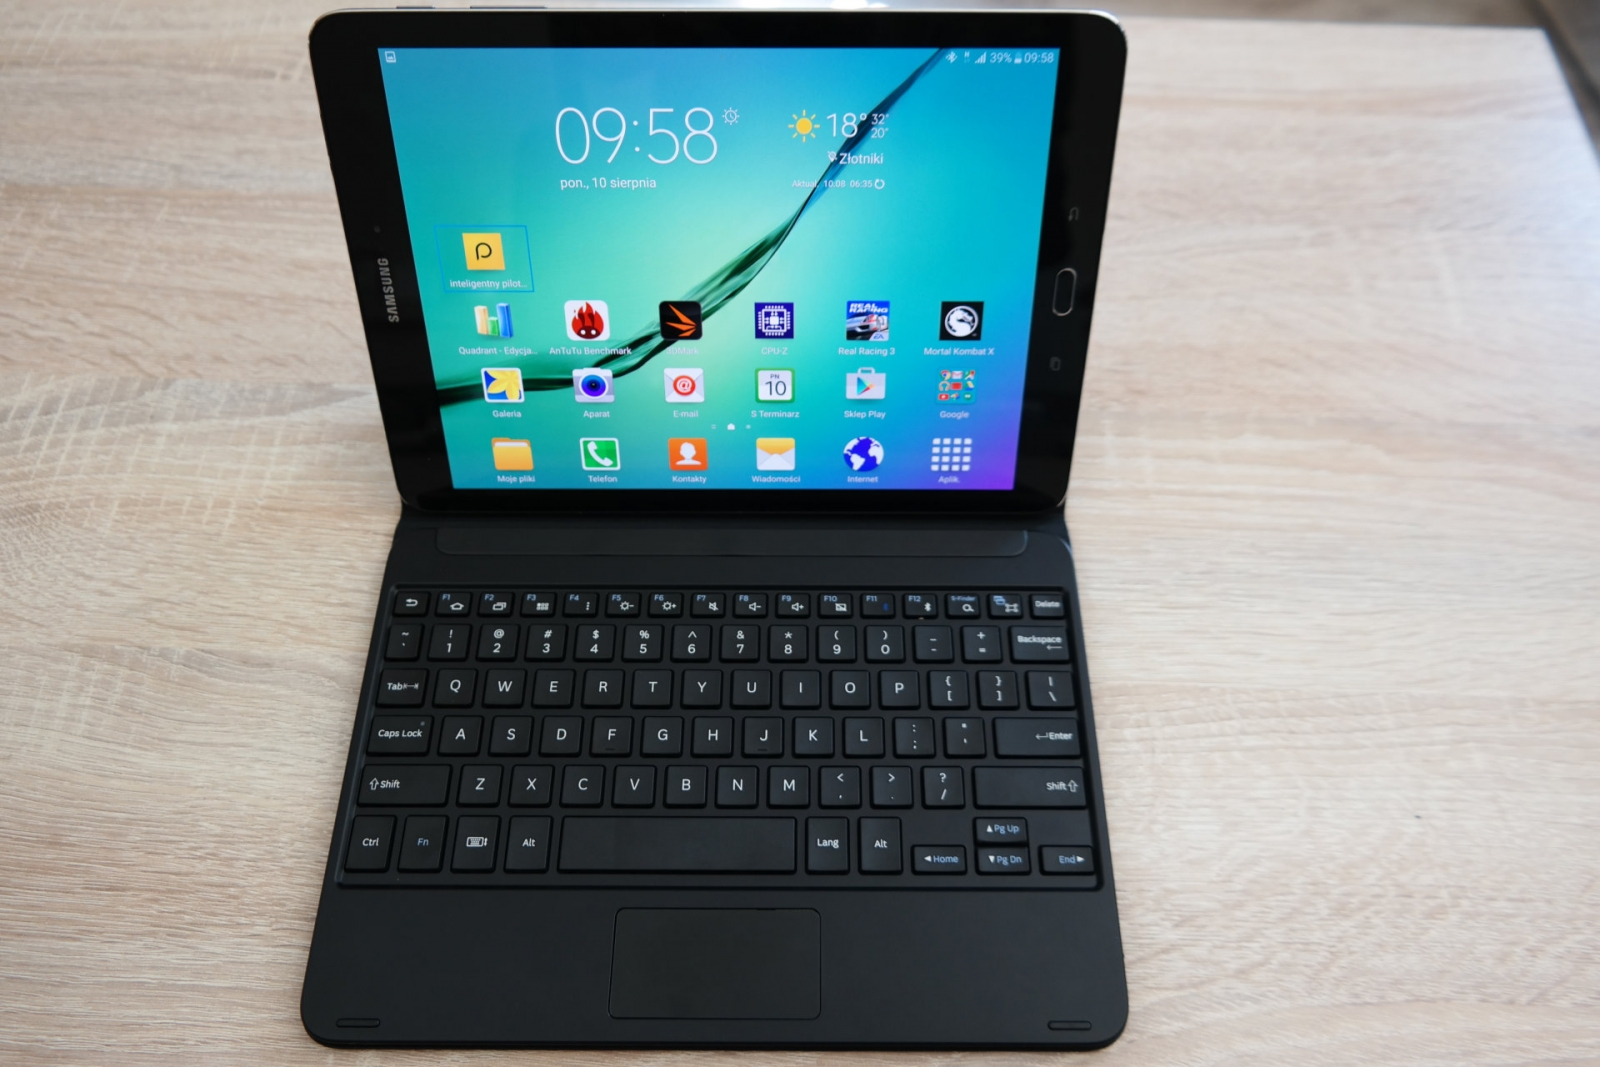 Galaxy Tab S 9.7 z klawiaturą / fot. galaktyczny